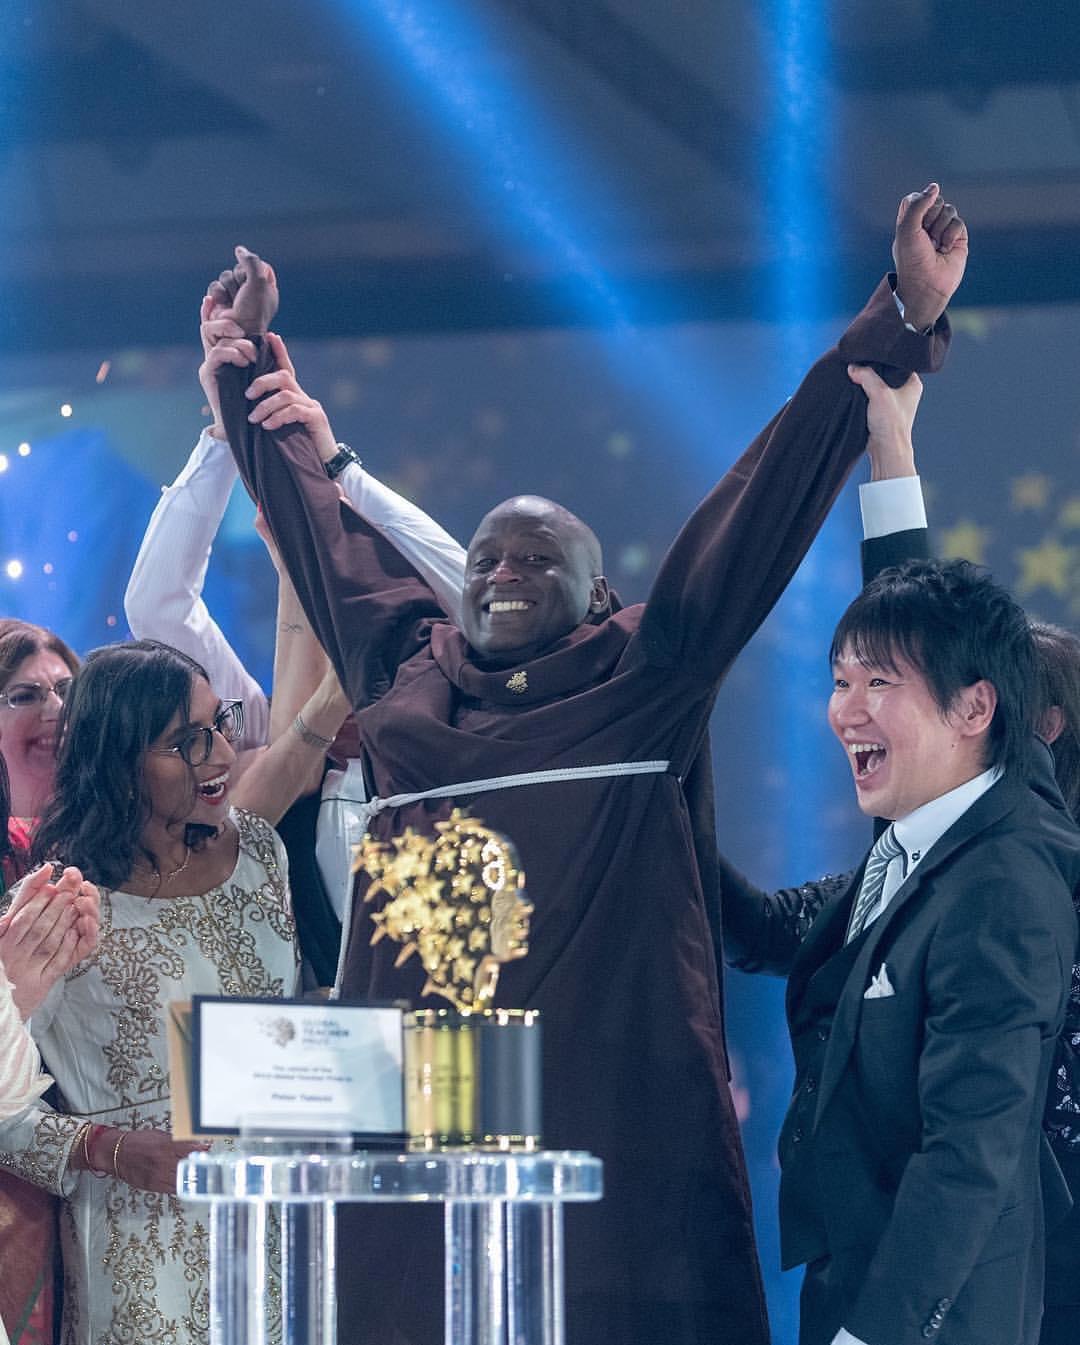 المعلم الكينى بعد فوزه بالجائزة